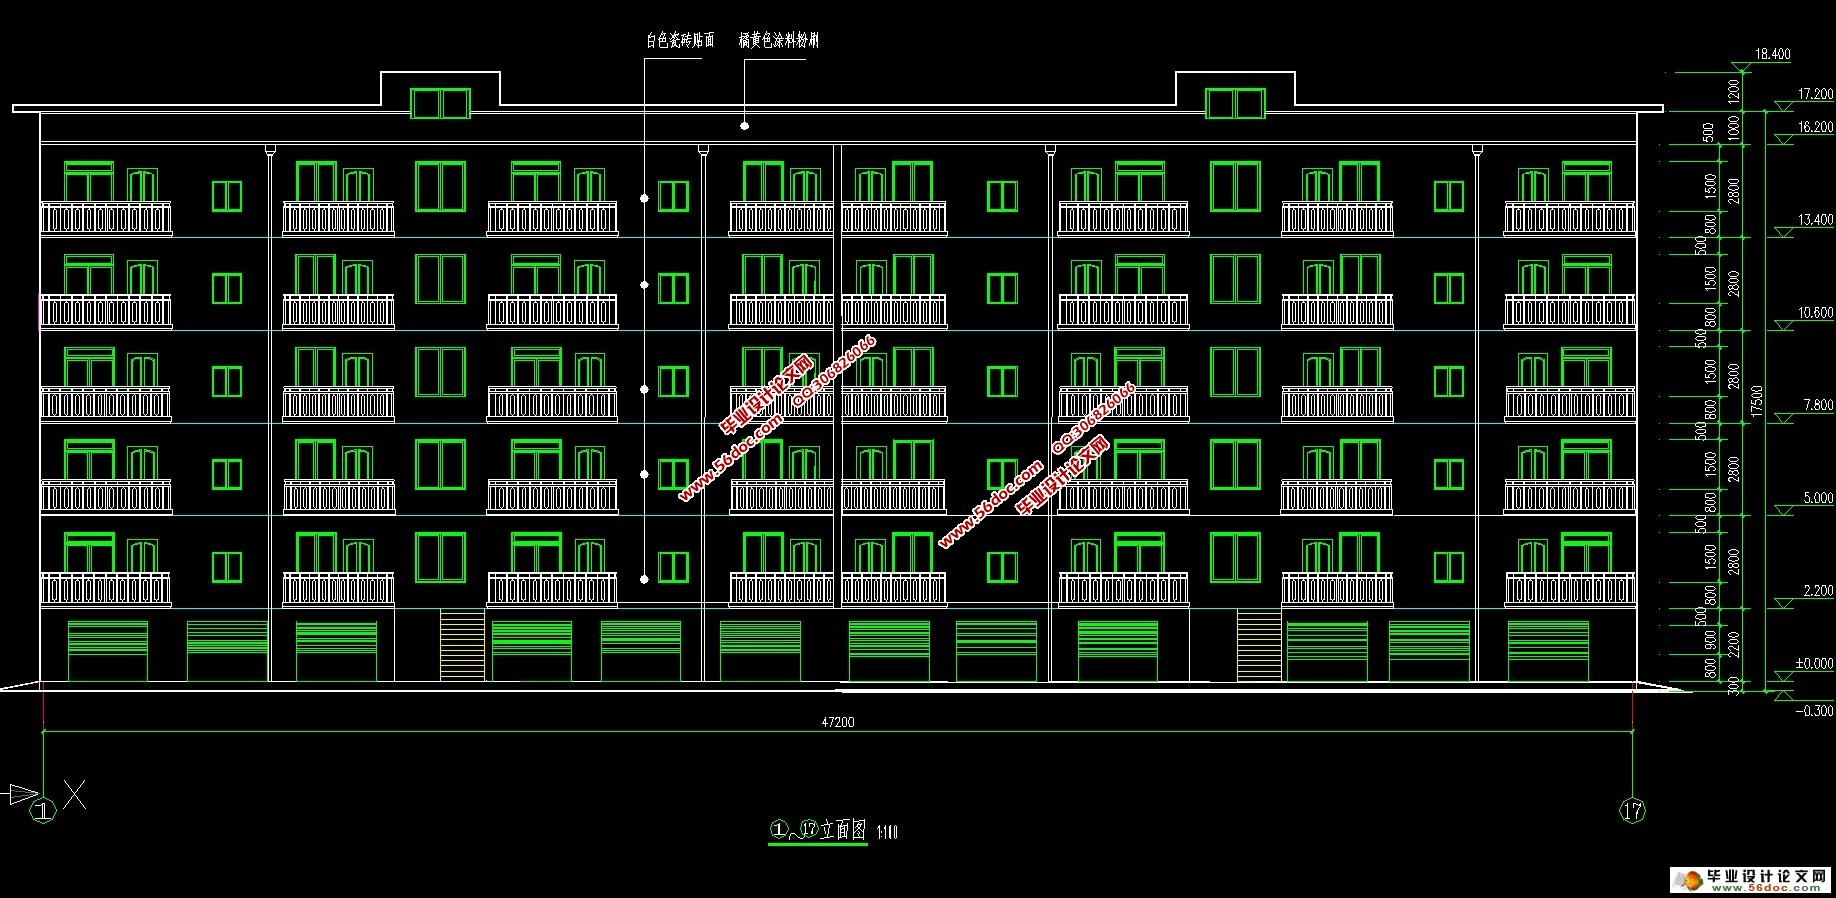 结构图11张) 本设计主要讲述了拟建住宅楼建筑结构设计的设计过程,它为钢筋混凝土框架结构。共六层,底层为车库,层高2.2米,其他层层高均为2.8米。建筑物总高度为18.4米。 本住宅楼属于建筑中的民用筑类,在设计计算中参考了较多的相关书目,并且严格按照建筑设计规范来完成建的。其主要分为两大部分: 第一部分为建筑设计。建筑设计是在总体规划的前提下,根据任务书的要求,综合考虑基地环境,使用功能,结构施工,材料设备,建筑设计及建筑艺术问题,解决建筑物的使用功能和空间的安排。依据建筑物的概念,建筑方针的原则,完成